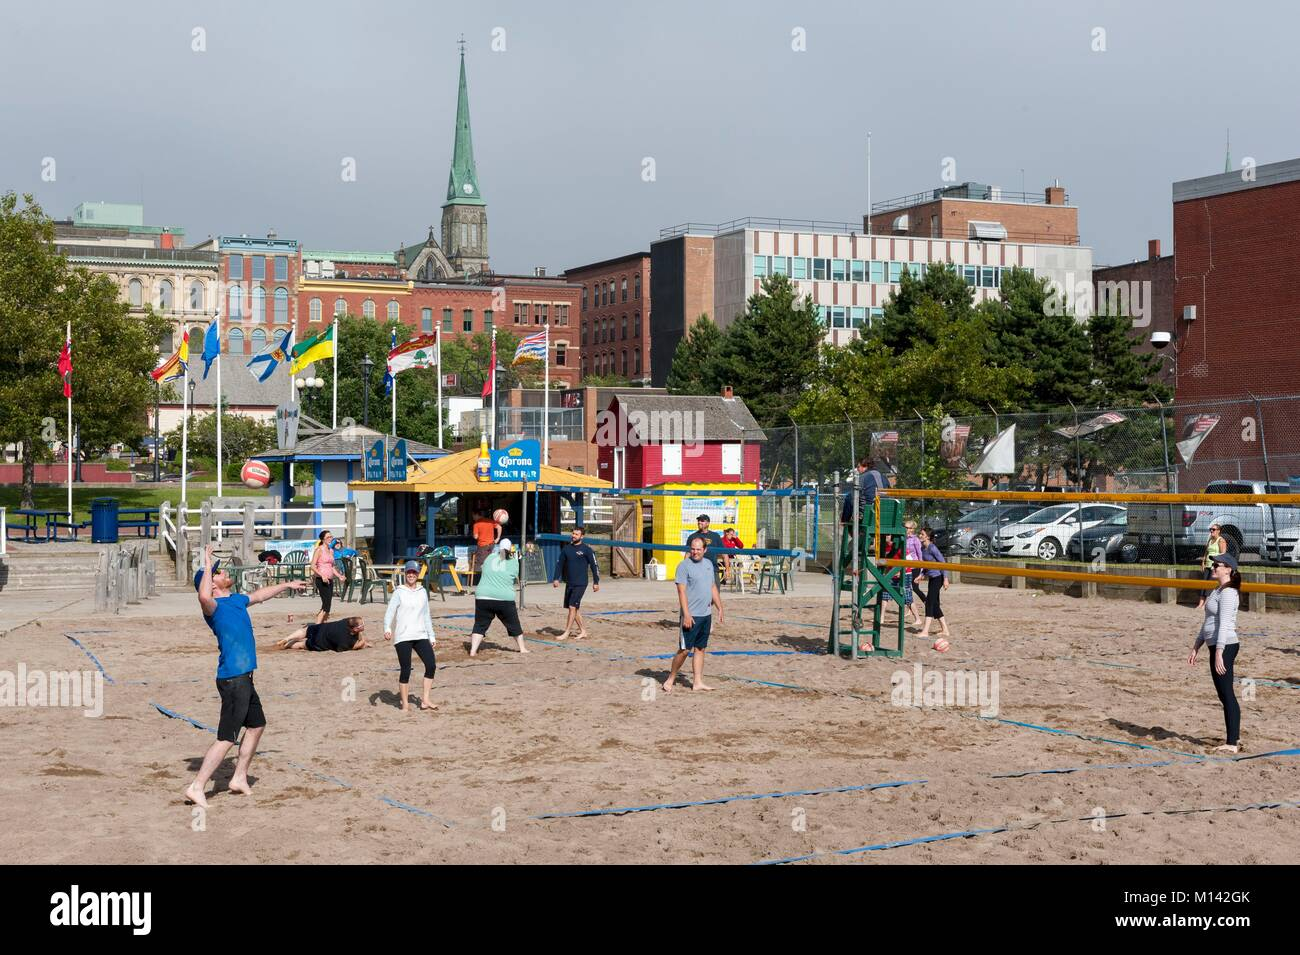 Canadá, Nueva Brunswick, San Juan, La Plaza del Mercado, el partido de voleibol de playa Imagen De Stock